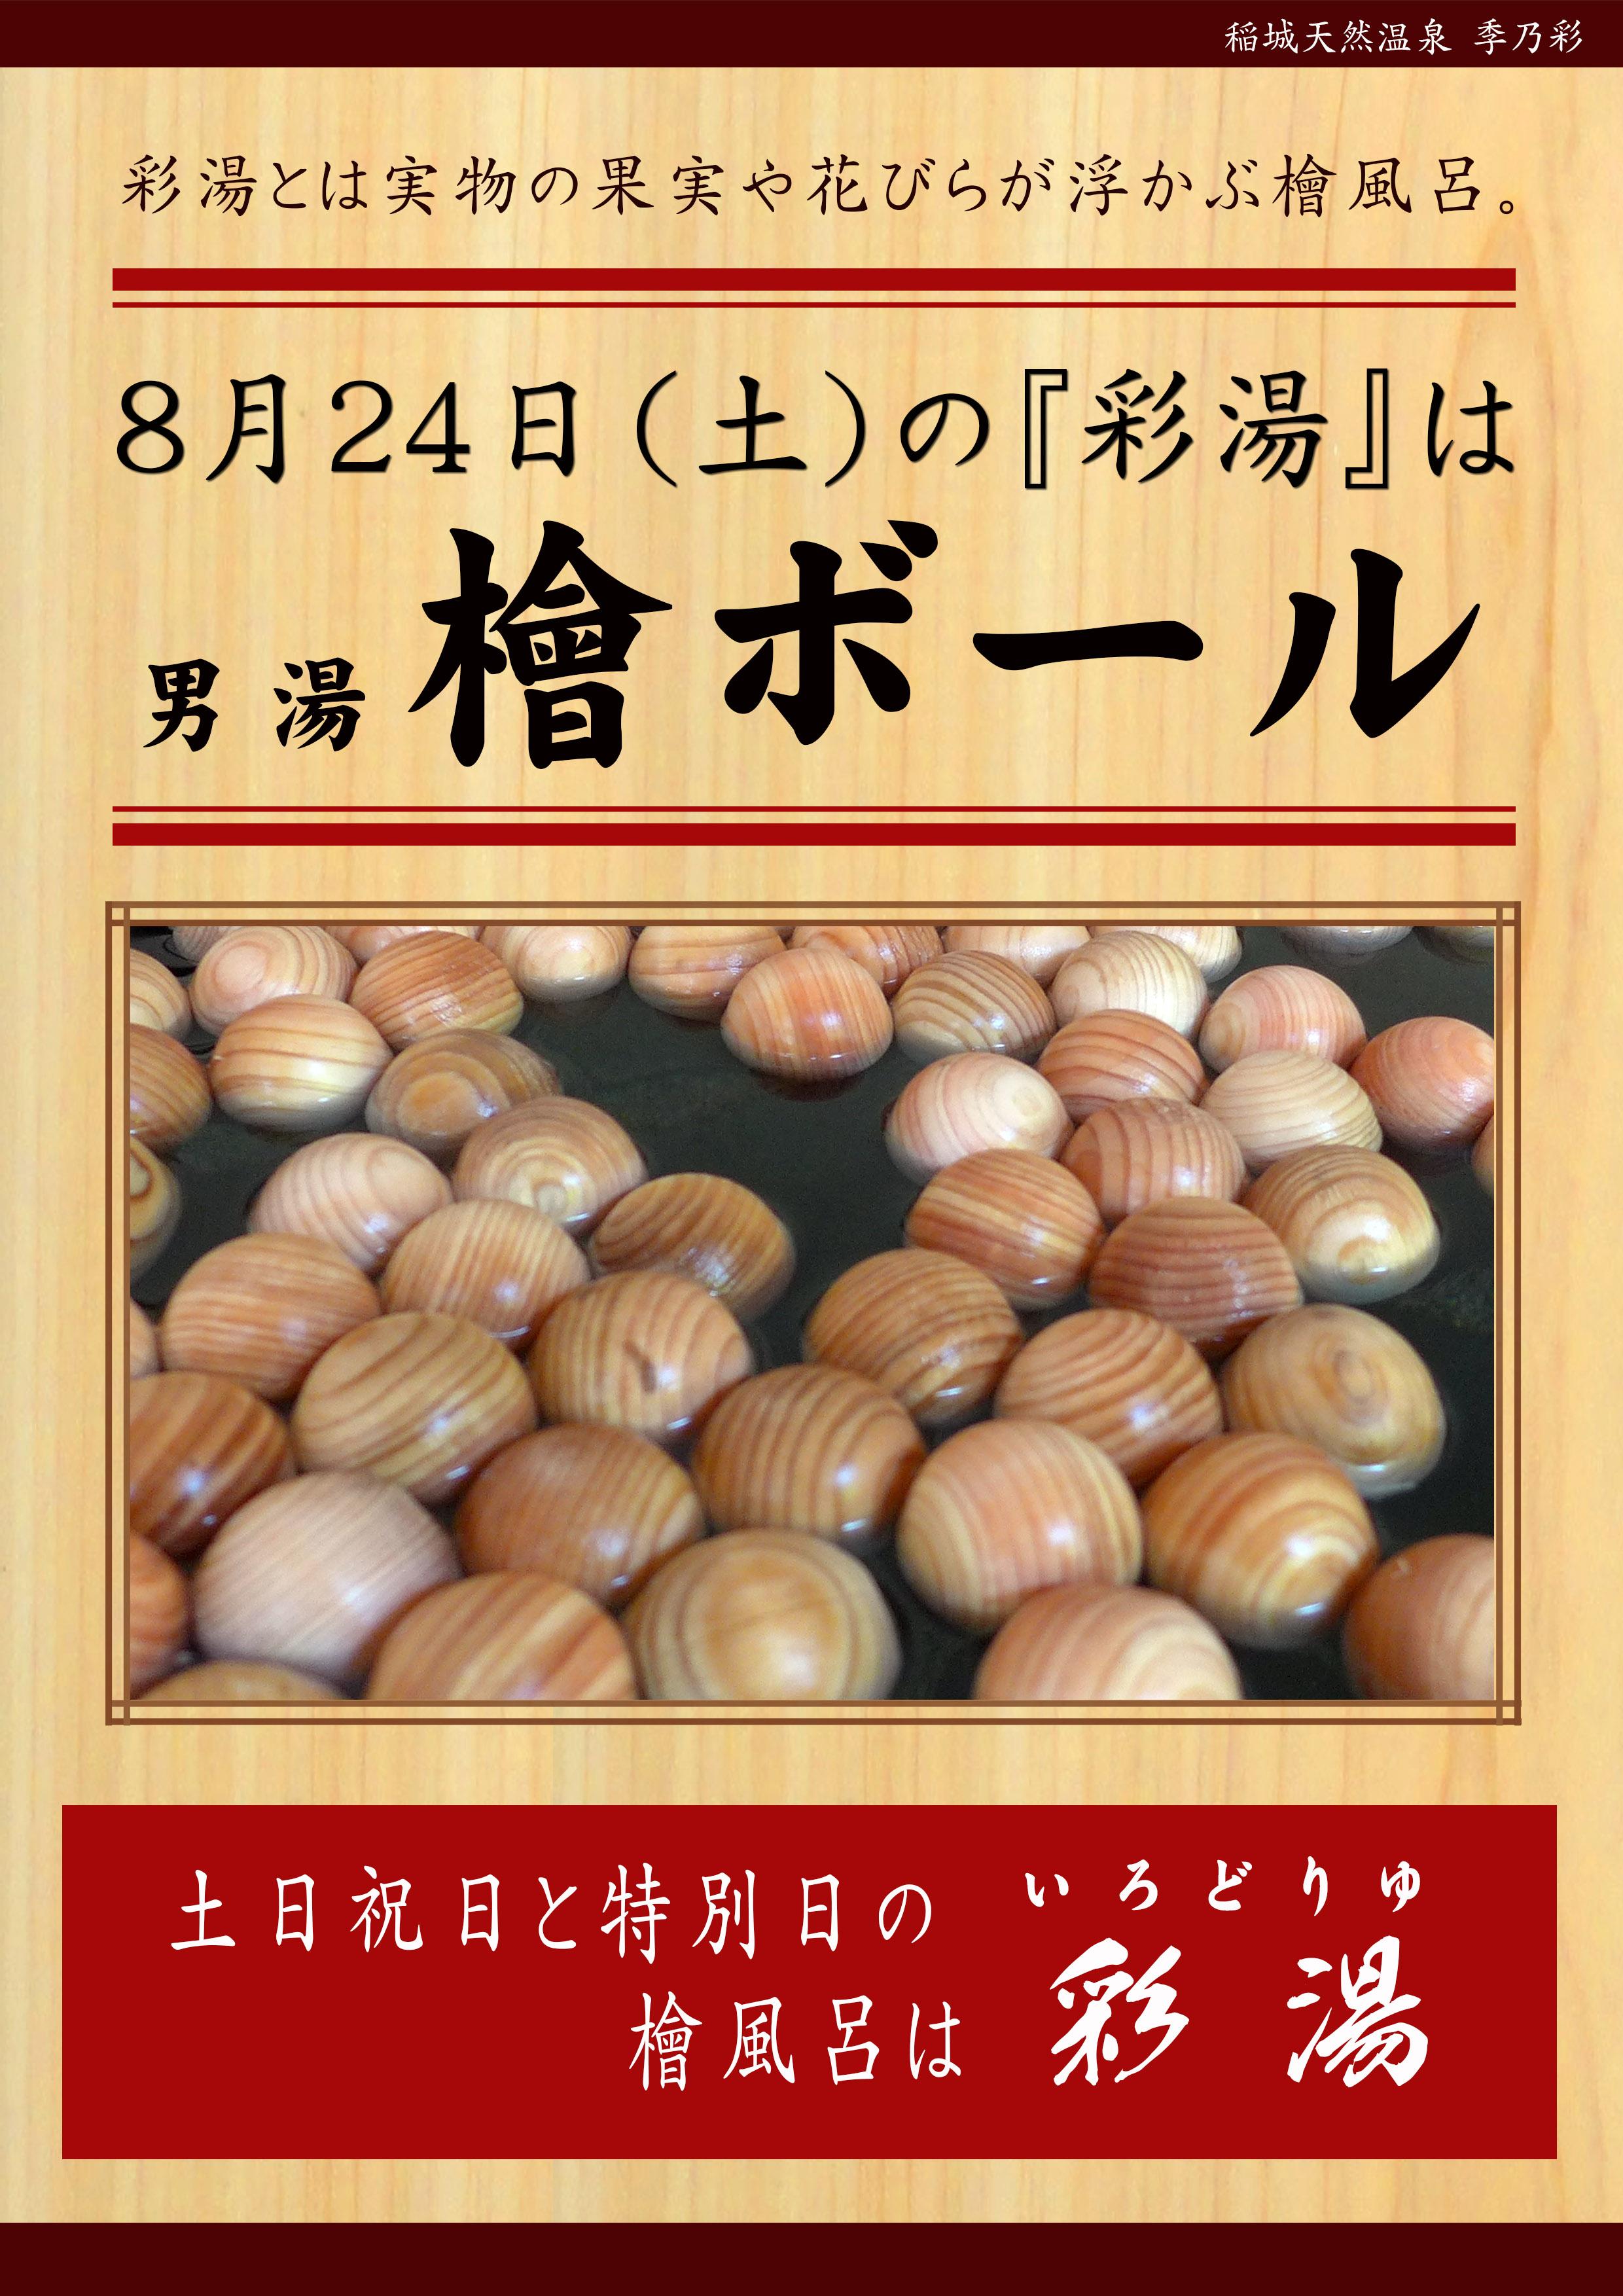 190824 彩湯 男湯 檜ボール